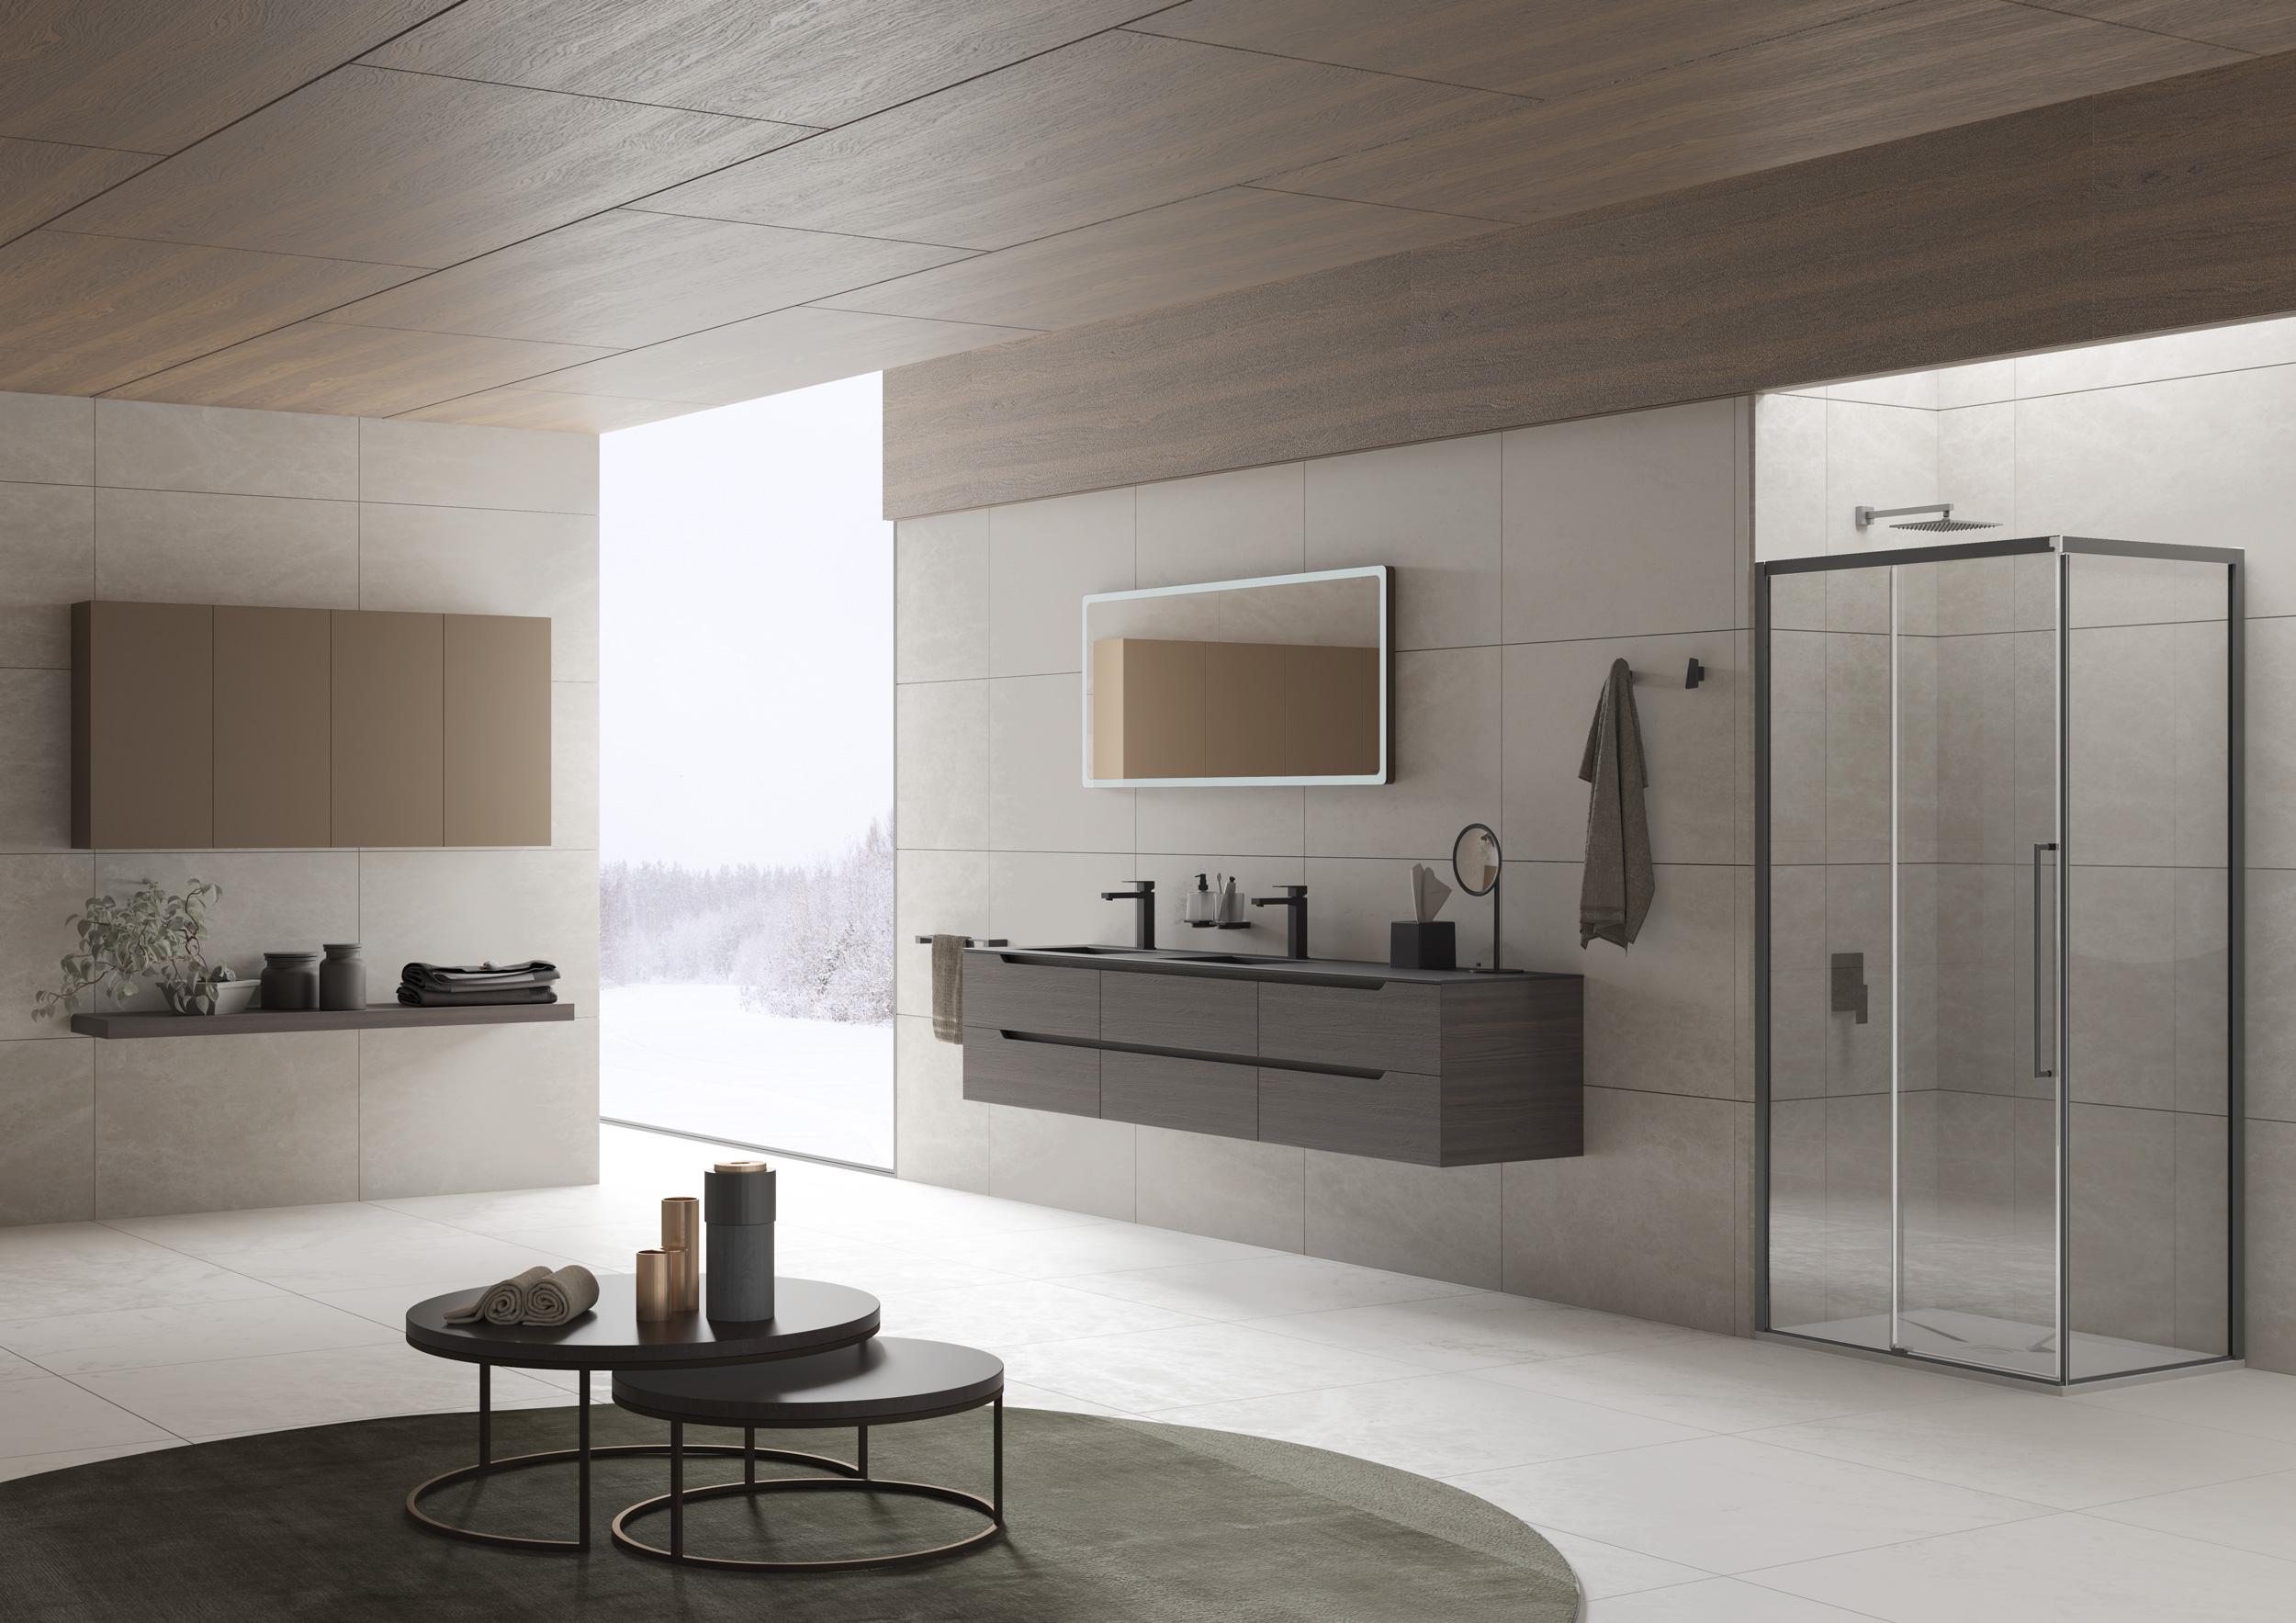 Inda al salone internazionale del bagno 2018 un 39 anteprima sulla sala da bagno del futuro - Fiera del bagno ...